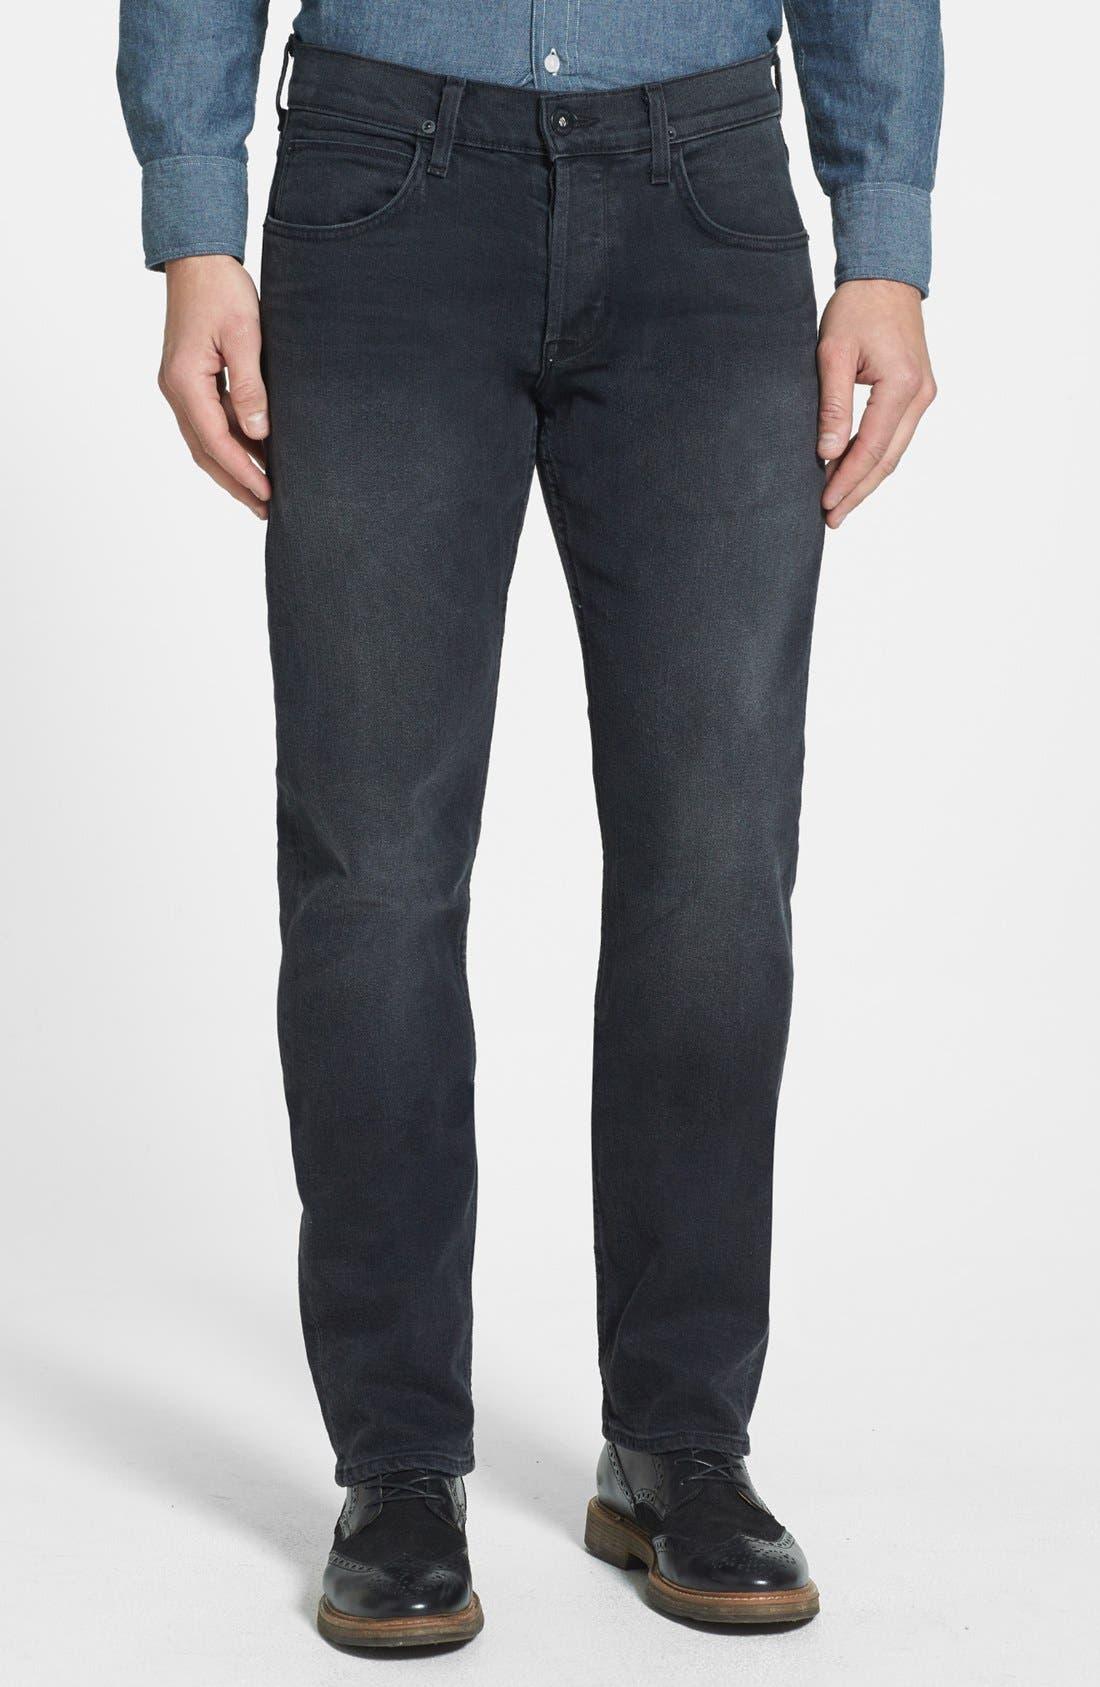 Alternate Image 1 Selected - Hudson Jeans 'Byron' Straight Leg Jeans (Legion)